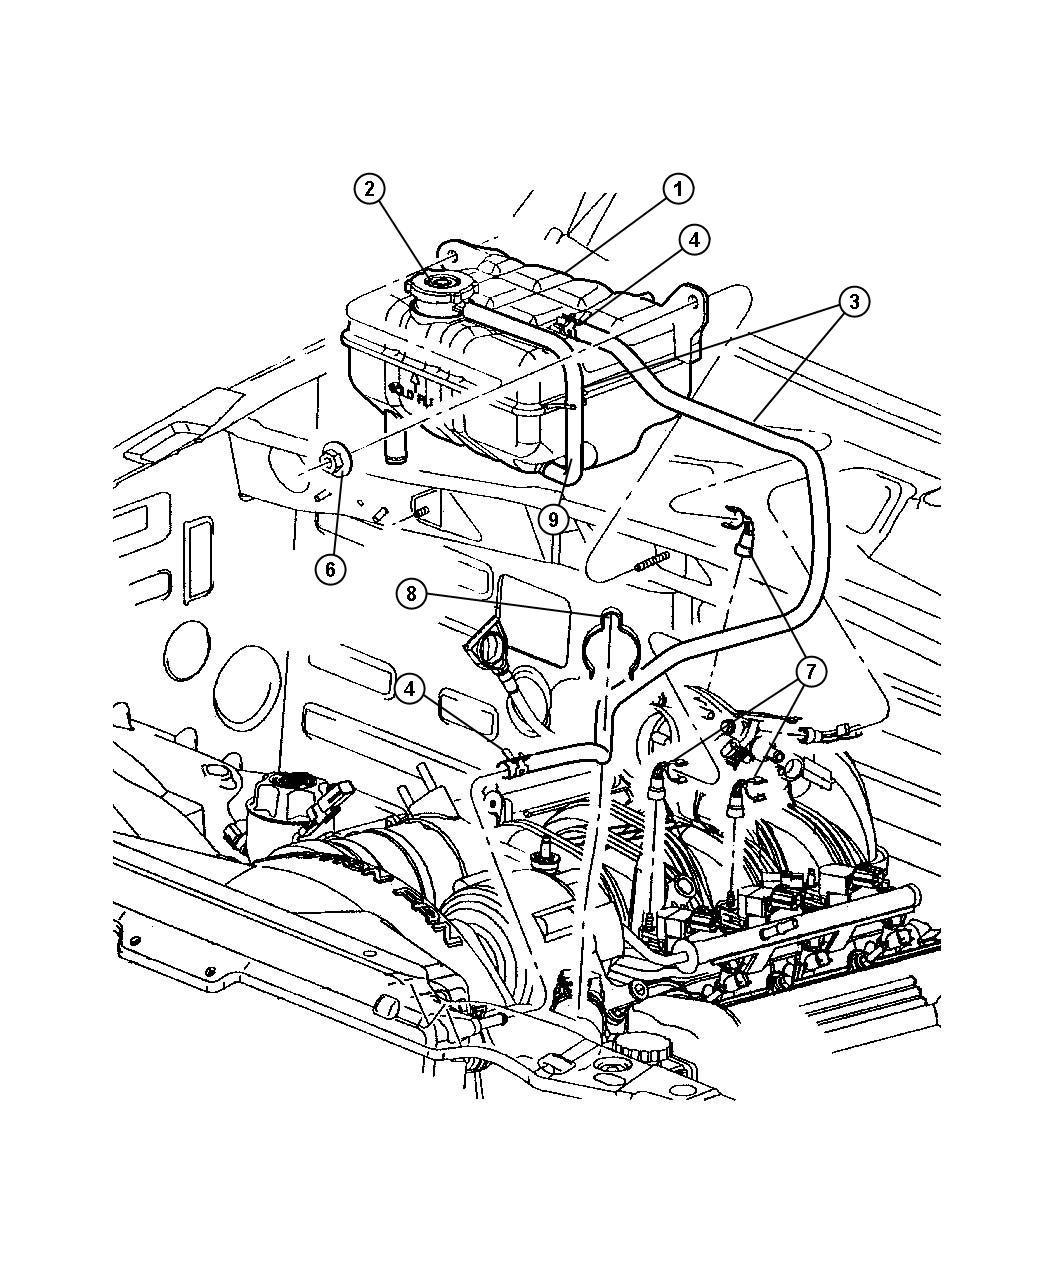 Chrysler Pt Cruiser Clamp Hose Hose To Radiator Oil